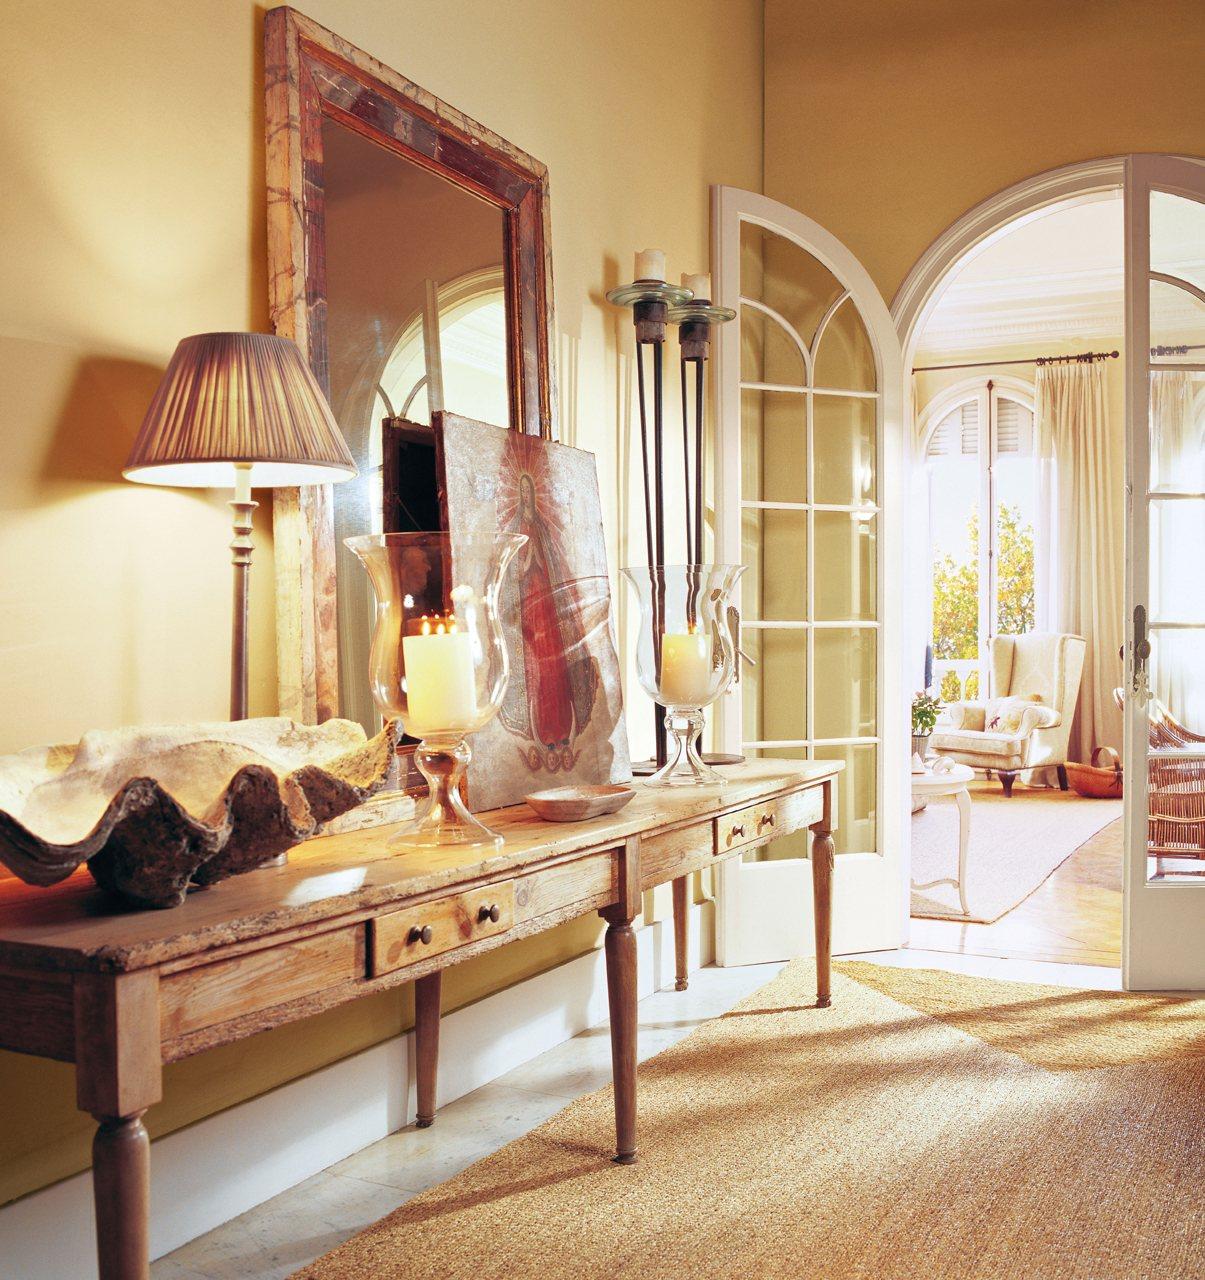 Decora tu casa con espejos: son pura magia